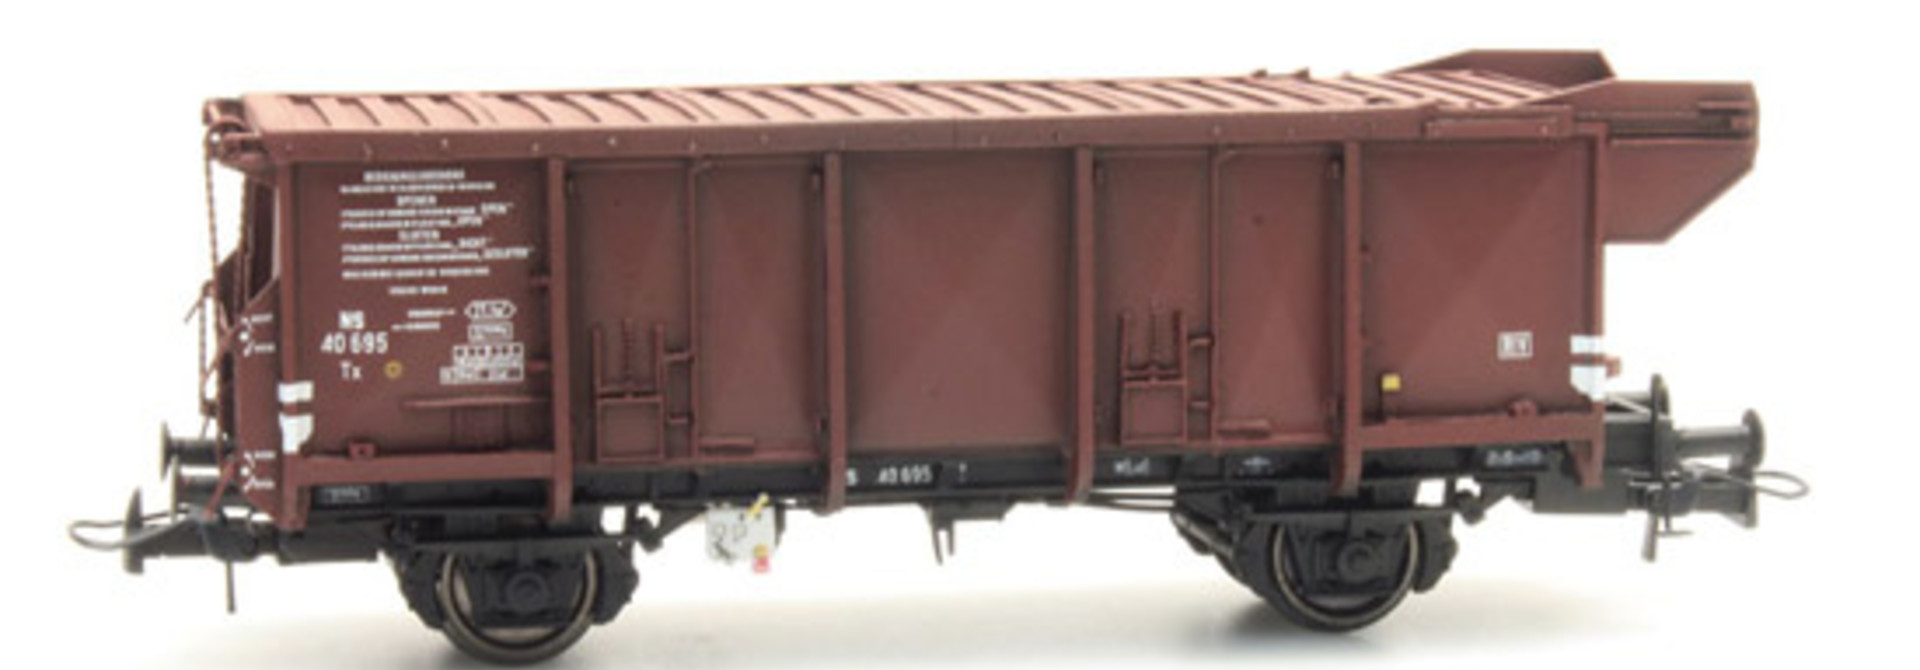 20.360.02 Luikendakwagen Tx 40695 bruin III